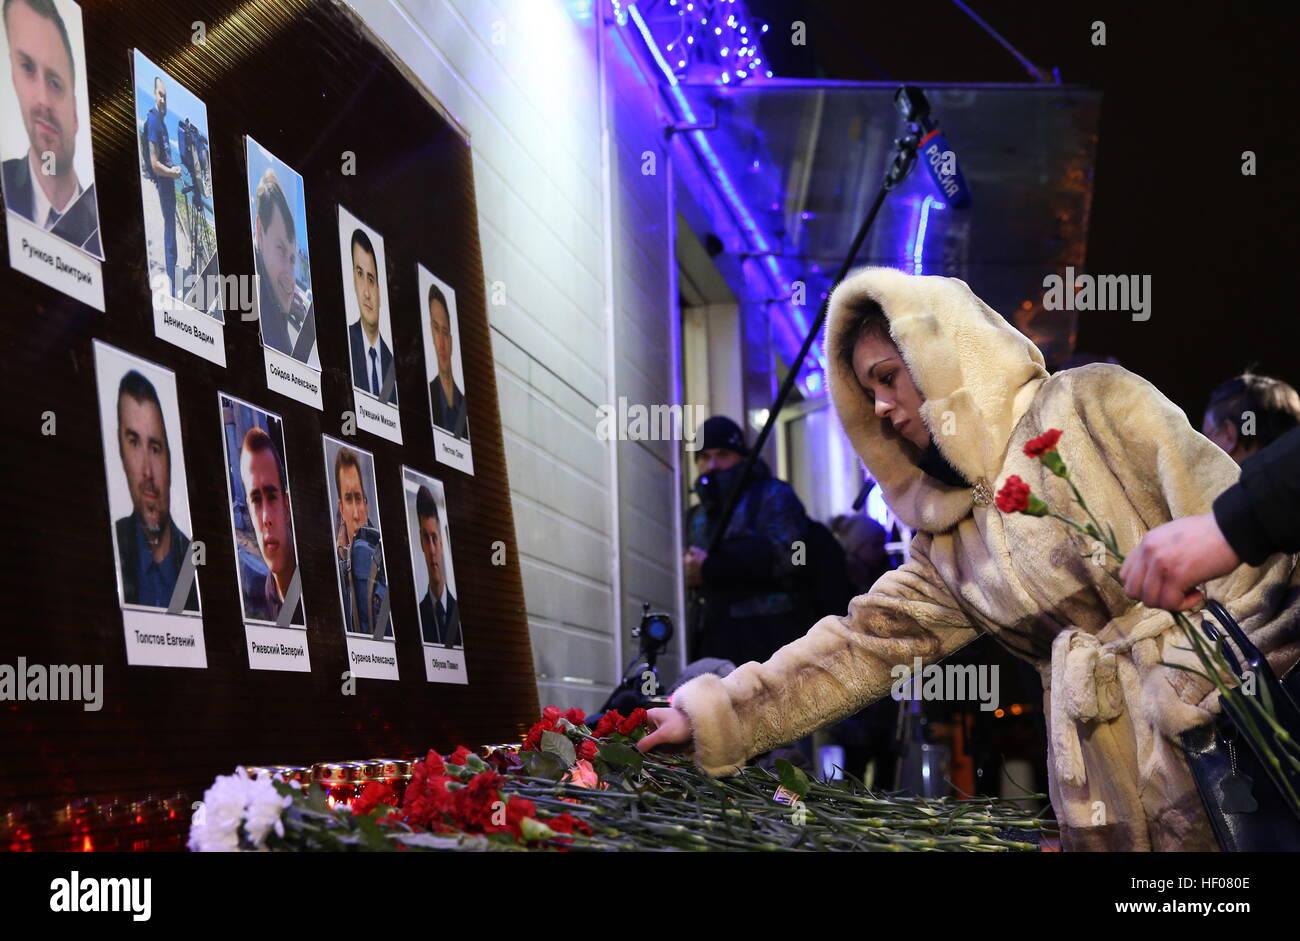 Moskau, Russland. 25. Dezember 2016. Fotos von Channel One, NTV und Zvezda TV Kanäle Journalisten getötet Stockbild